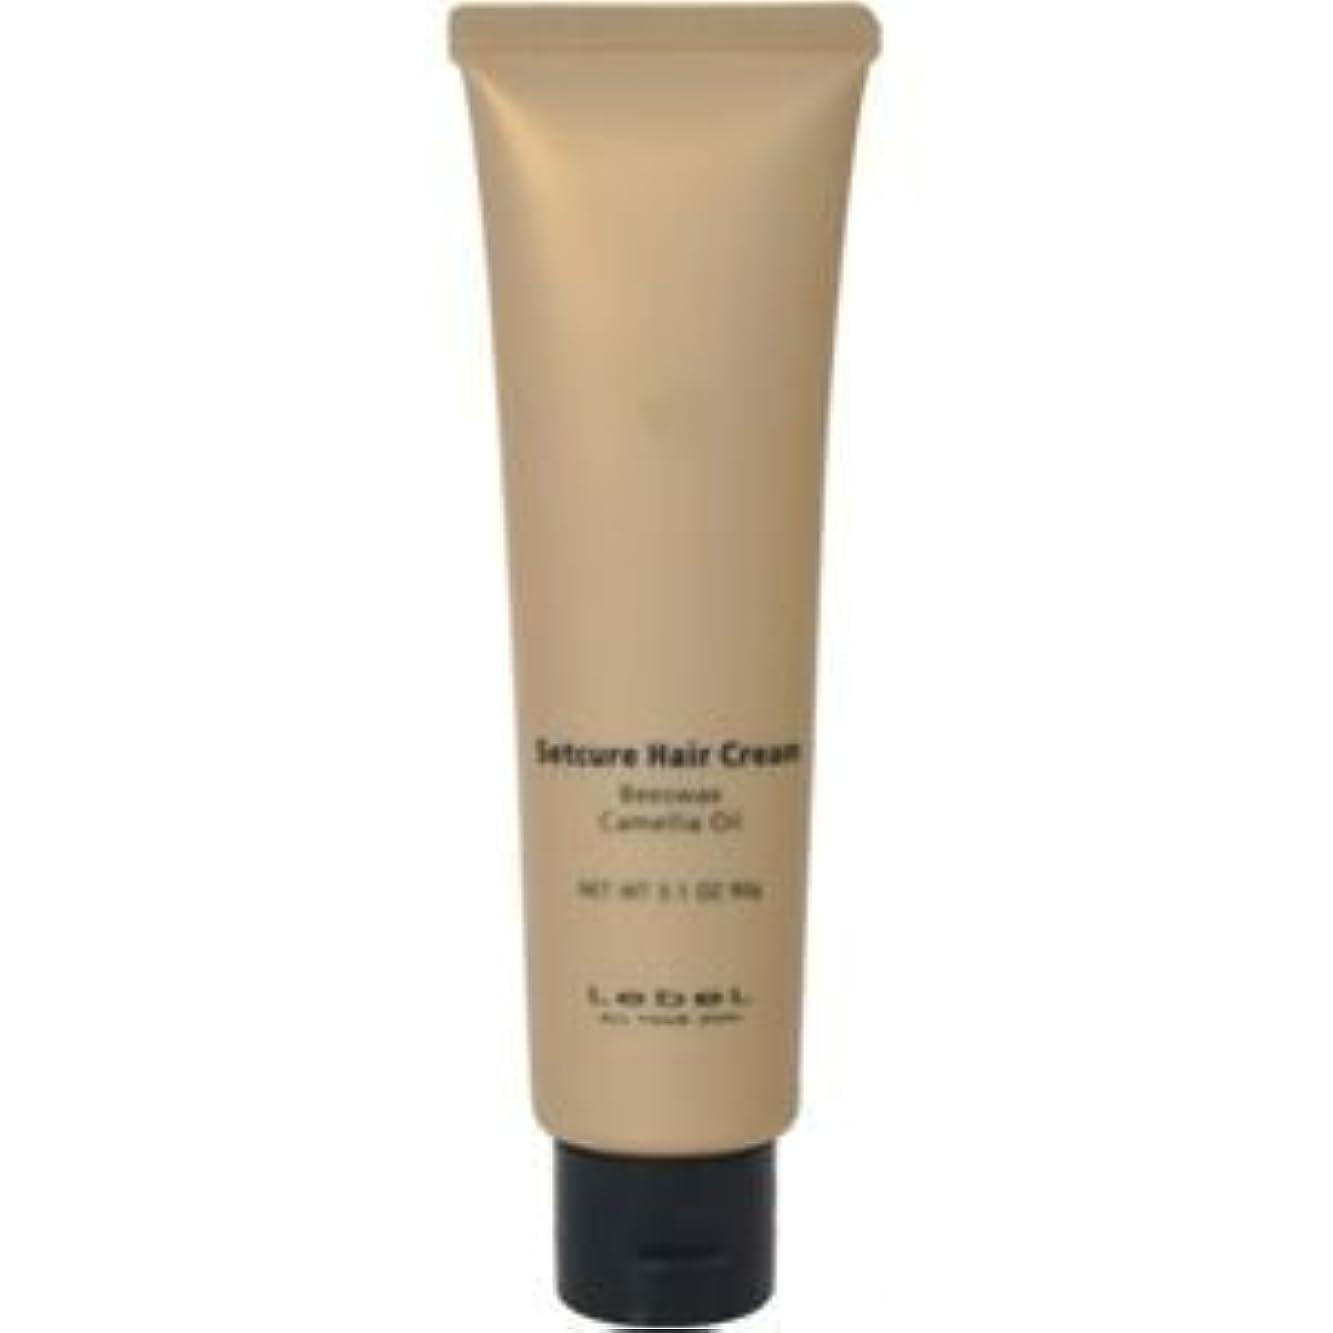 提供された柔らかい足小康ルベル セットキュアヘアクリーム 90g